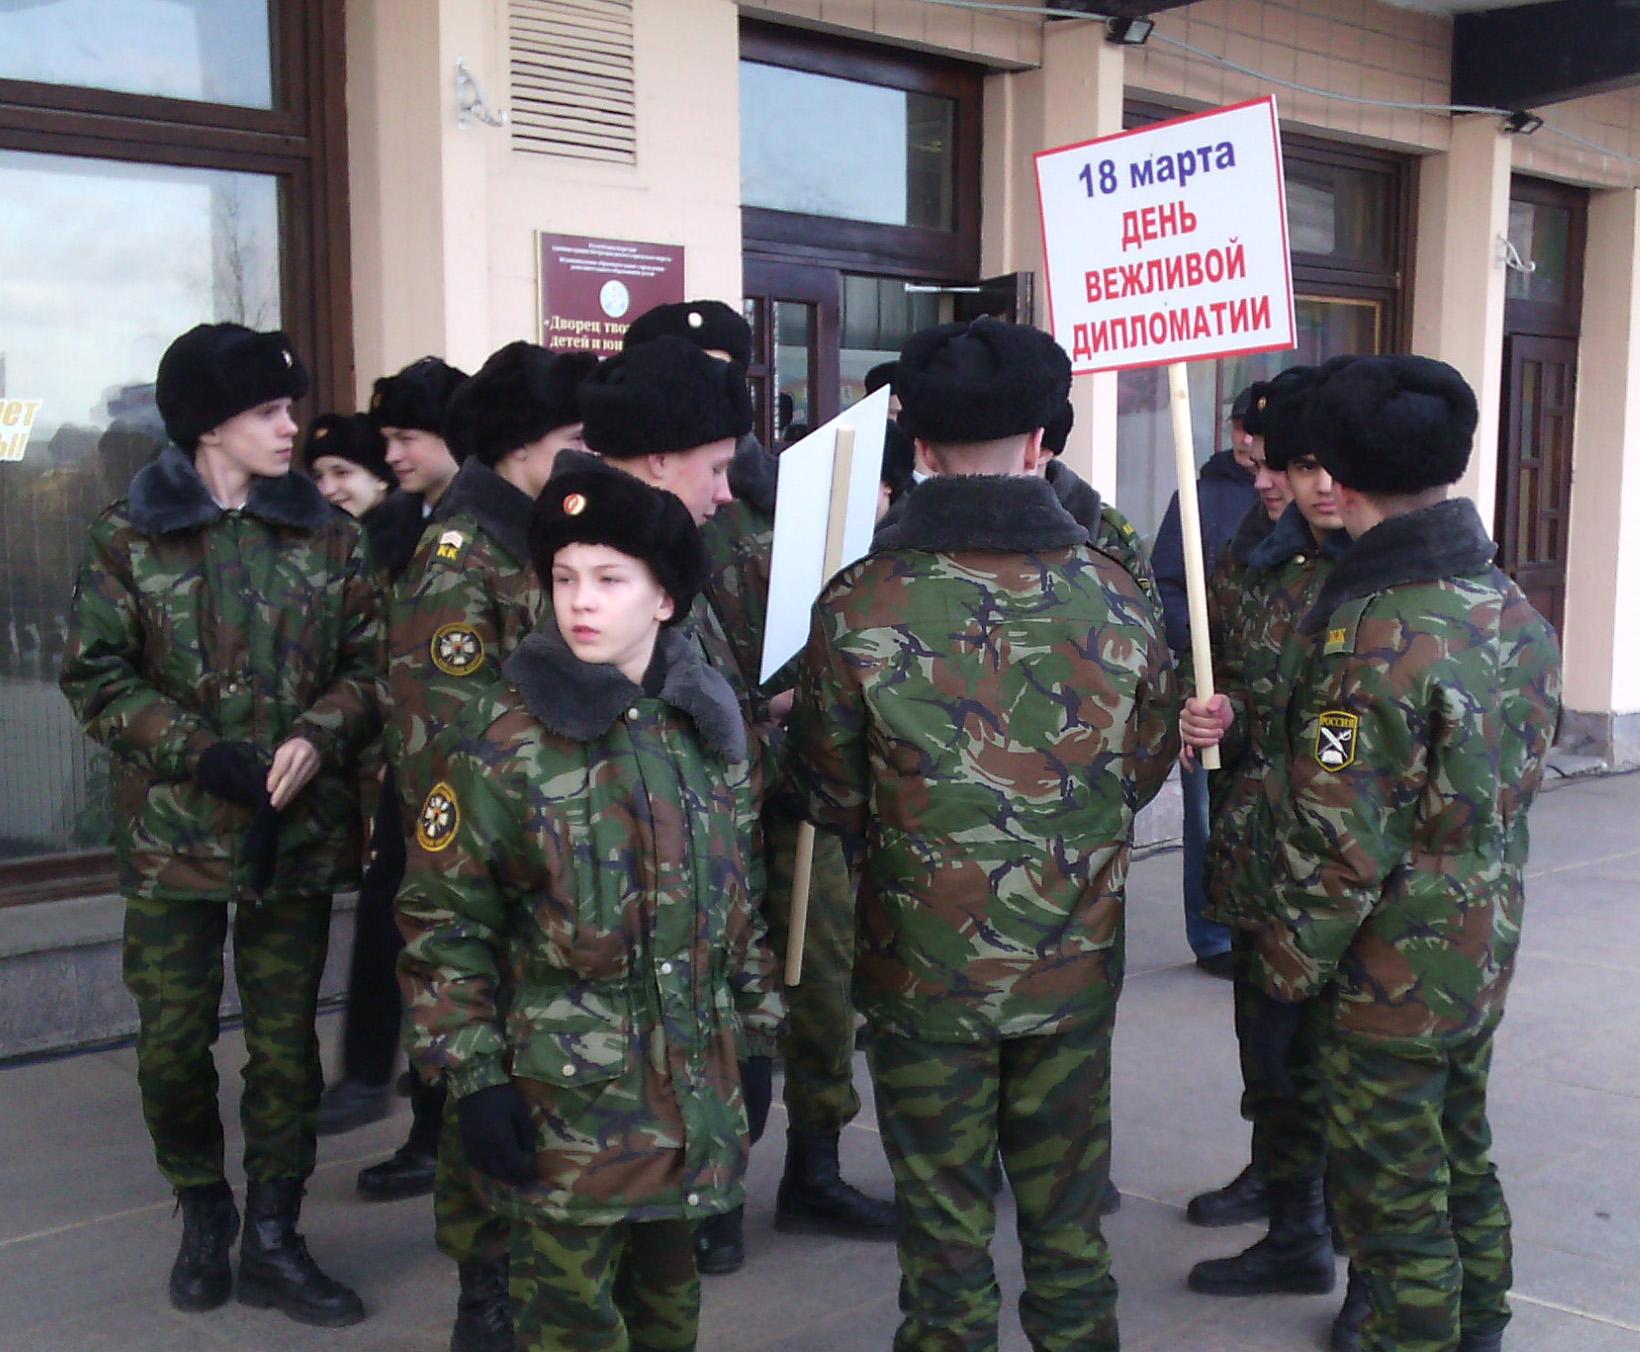 Участники митинга. Фото: Валерий Поташов